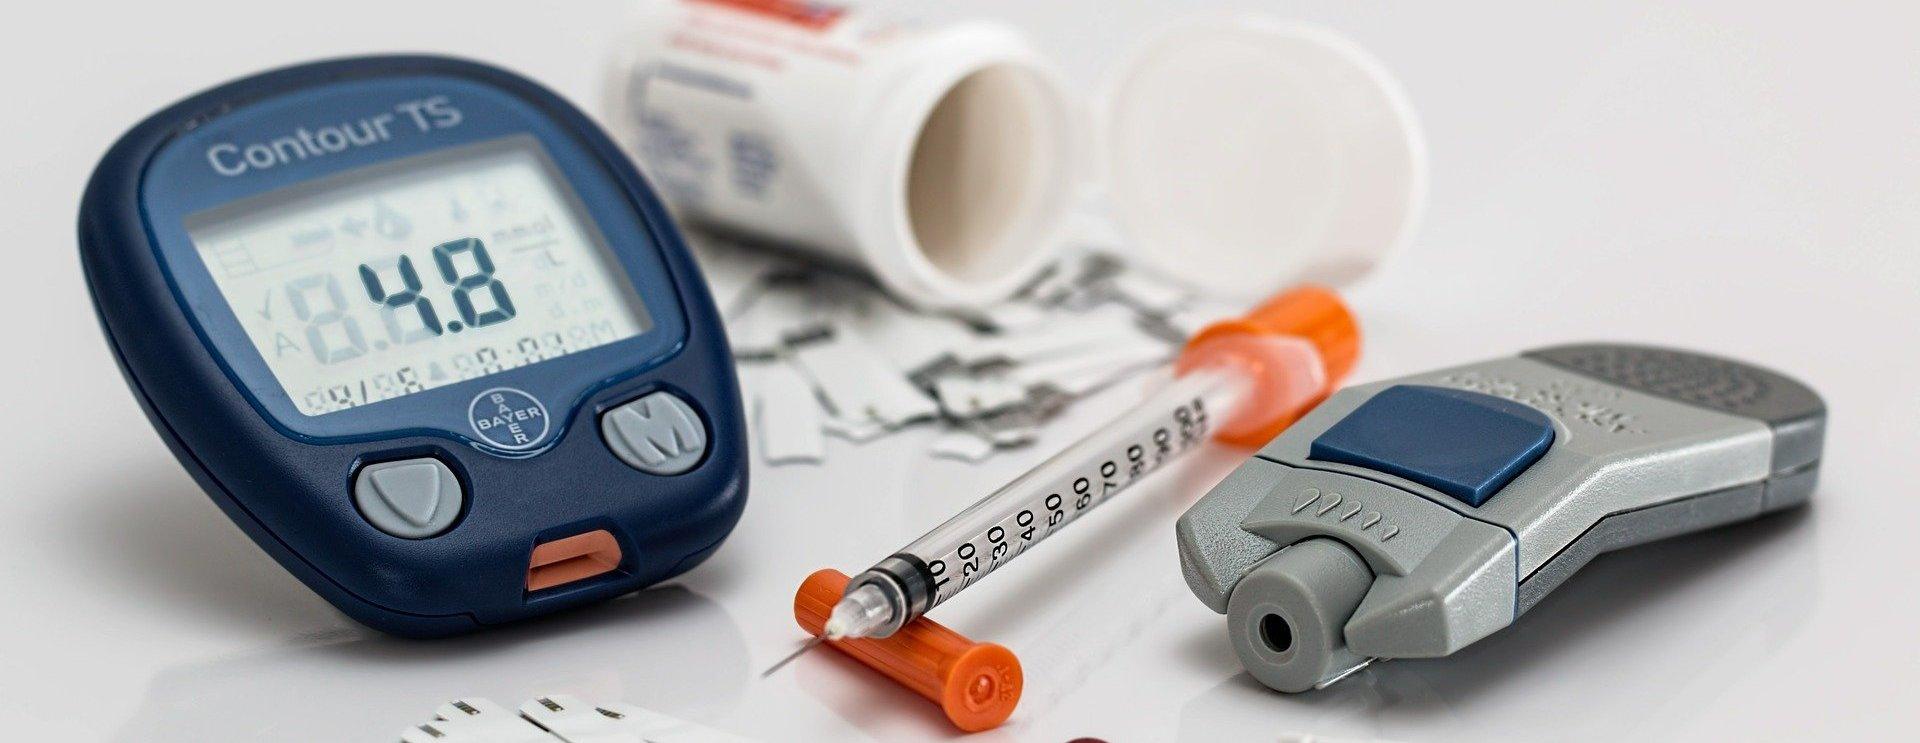 Герофарм увеличит доступность аналогов инсулина в России